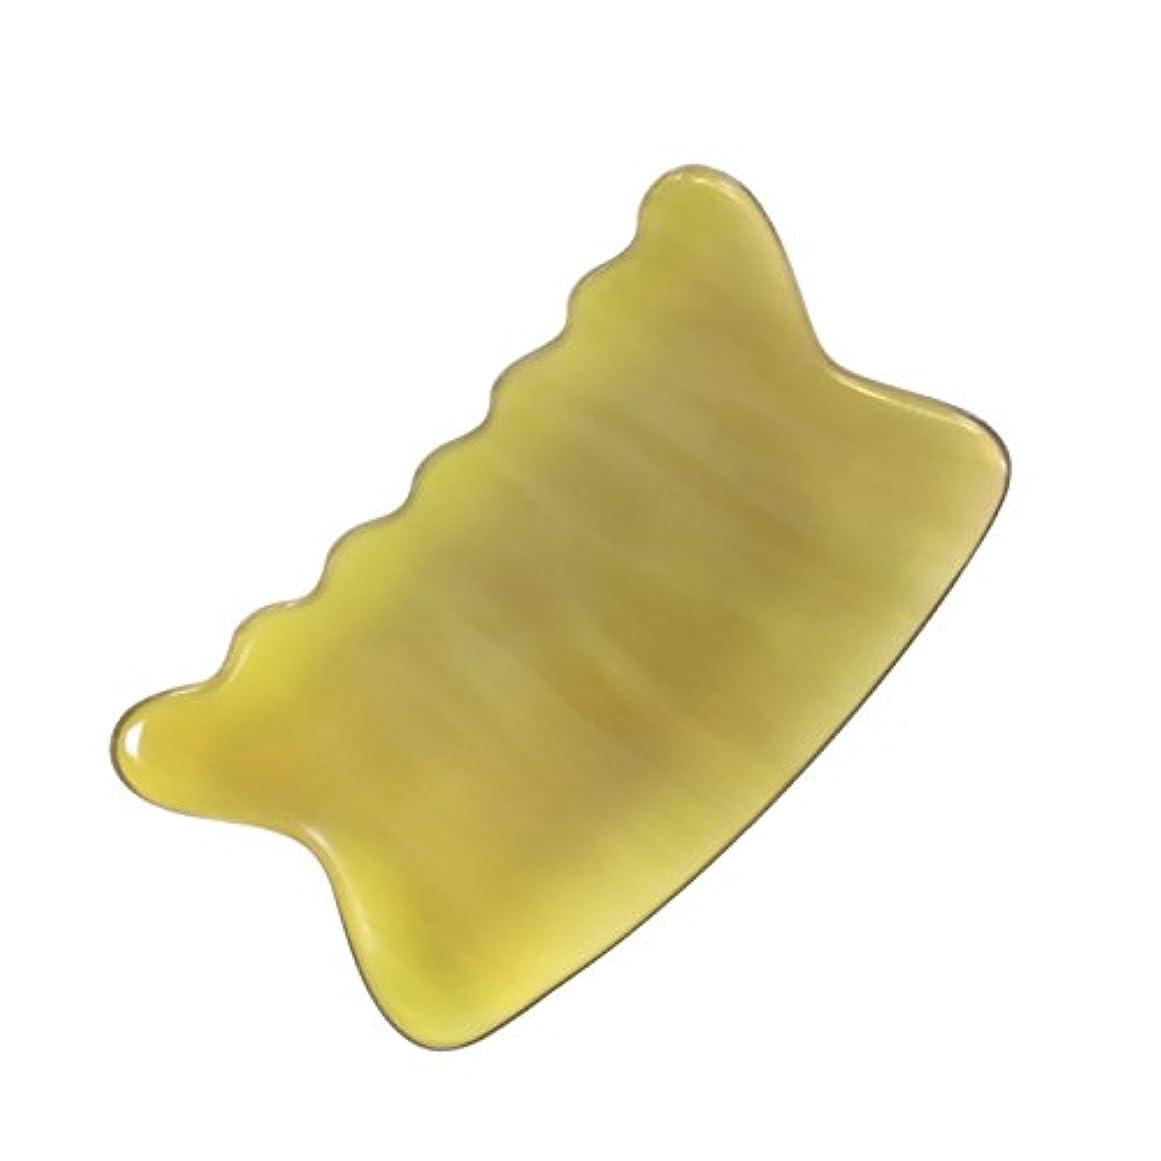 吸収する廊下共同選択かっさ プレート 希少57 黄水牛角 極美品 曲波型